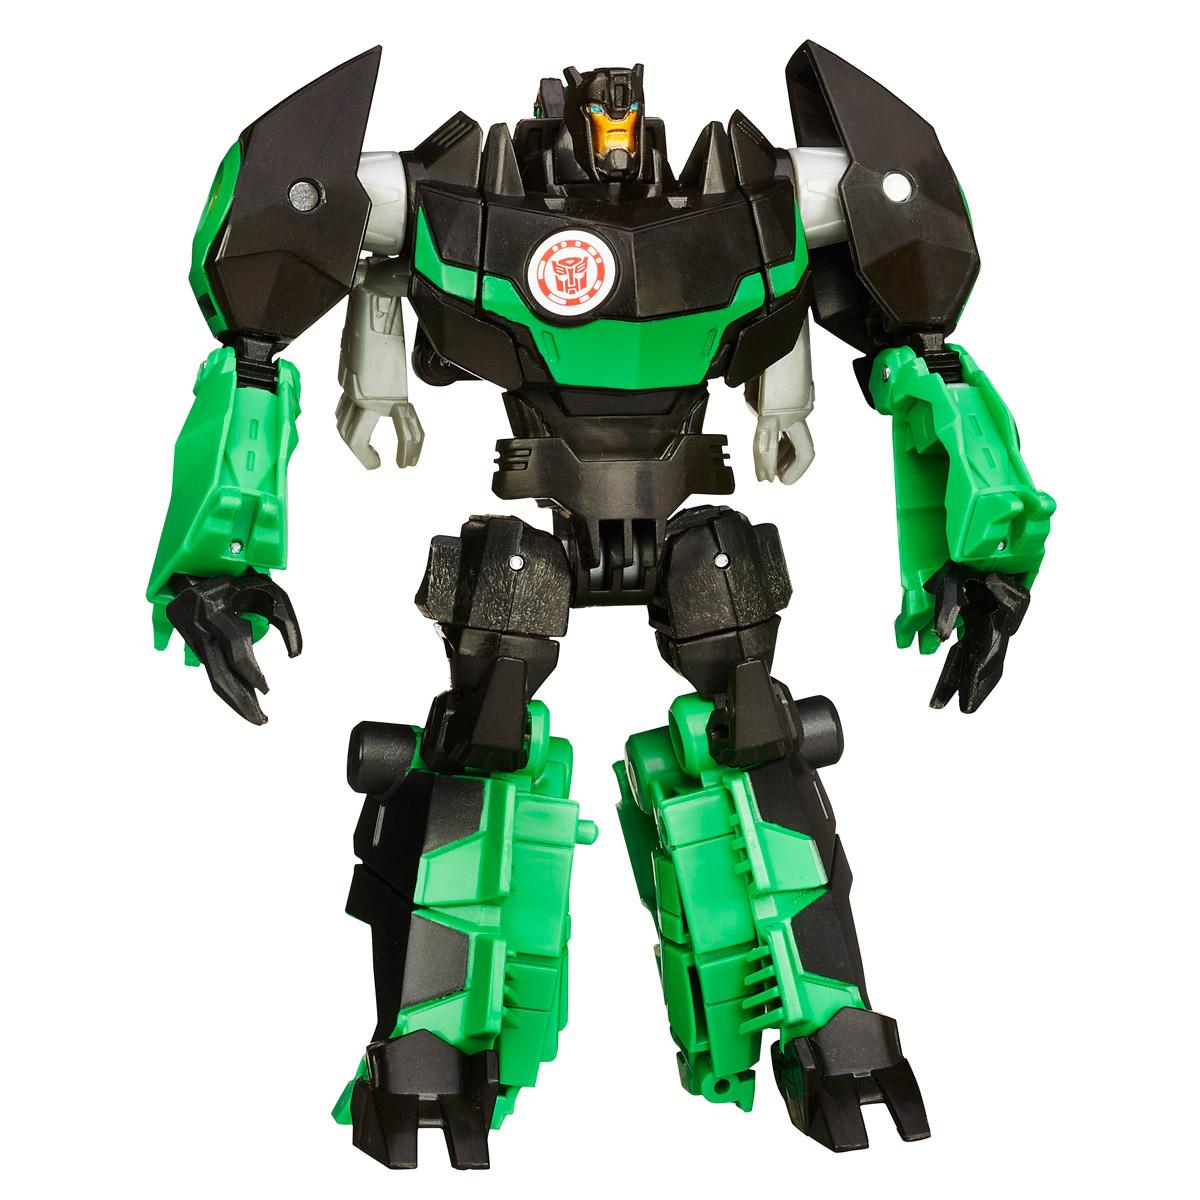 Transformers Robots In Disguise GrimlockB0070EU4_B0908Фигурка Transformers Robots In Disguise Grimlock обязательно понравится любому маленькому поклоннику знаменитых Трансформеров! Фигурка выполнена из прочного пластика в виде трансформера-автобота Гримлока. Руки и ноги робота подвижны. В 10 простых шагов малыш сможет трансформировать фигурку робота в грозного динозавра. Фигурка отличается высокой степенью детализации. Небольшие размеры фигурки позволят брать ее с собой на прогулку или в гости. Ребенок с удовольствием будет играть с фигуркой, придумывая разные истории. Порадуйте его таким замечательным подарком!